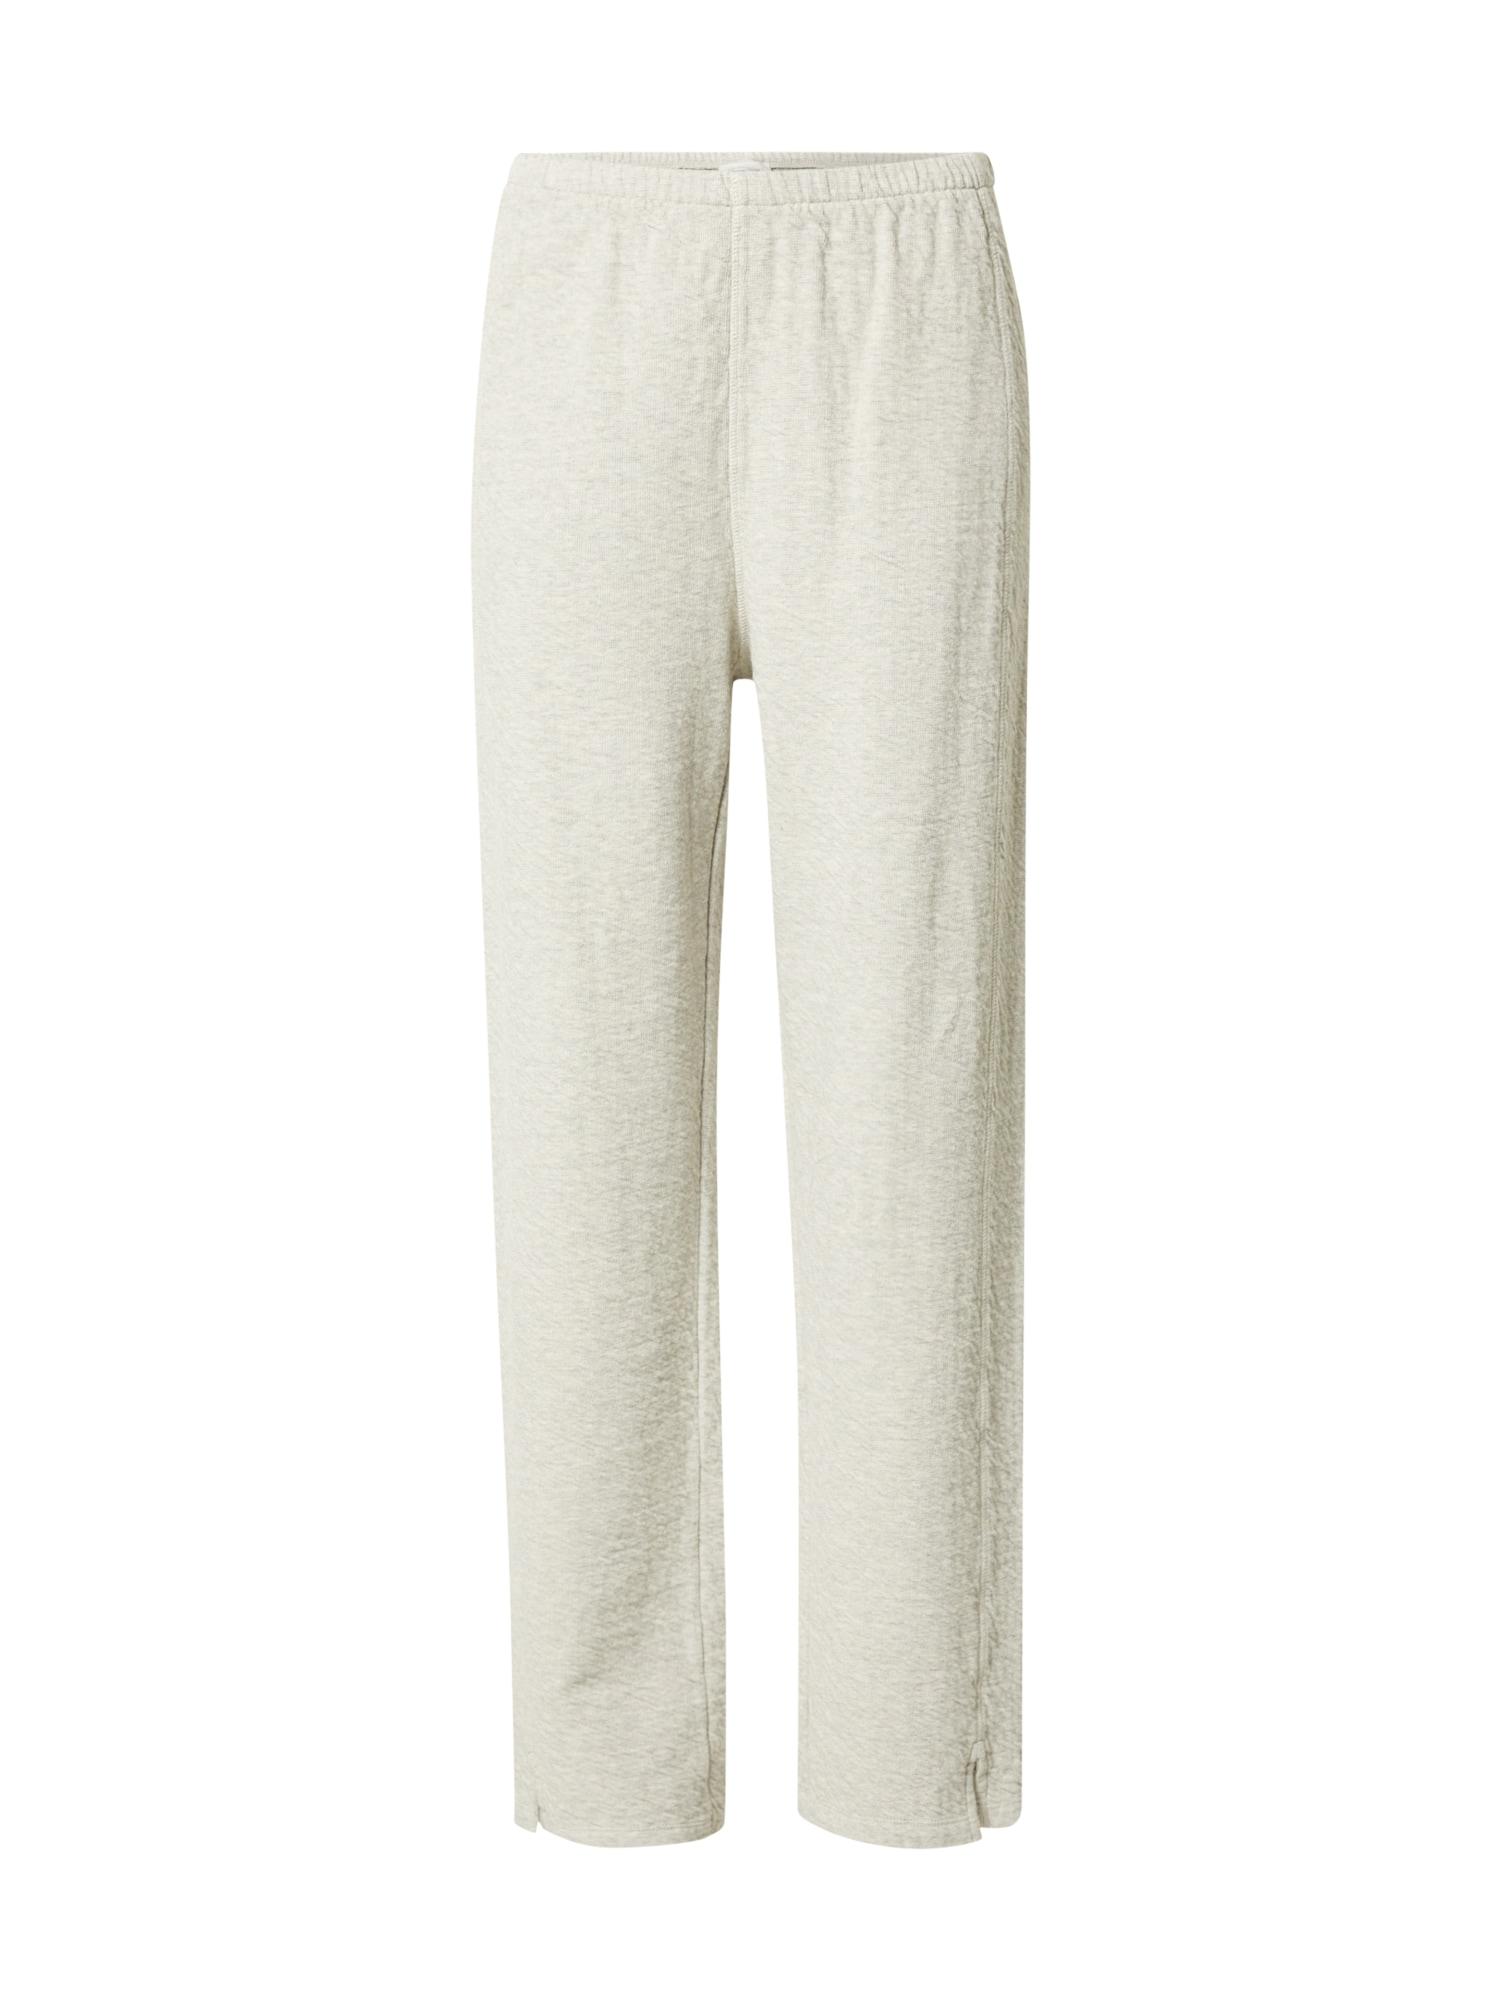 AMERICAN VINTAGE Kalhoty 'Yatcastle'  šedý melír